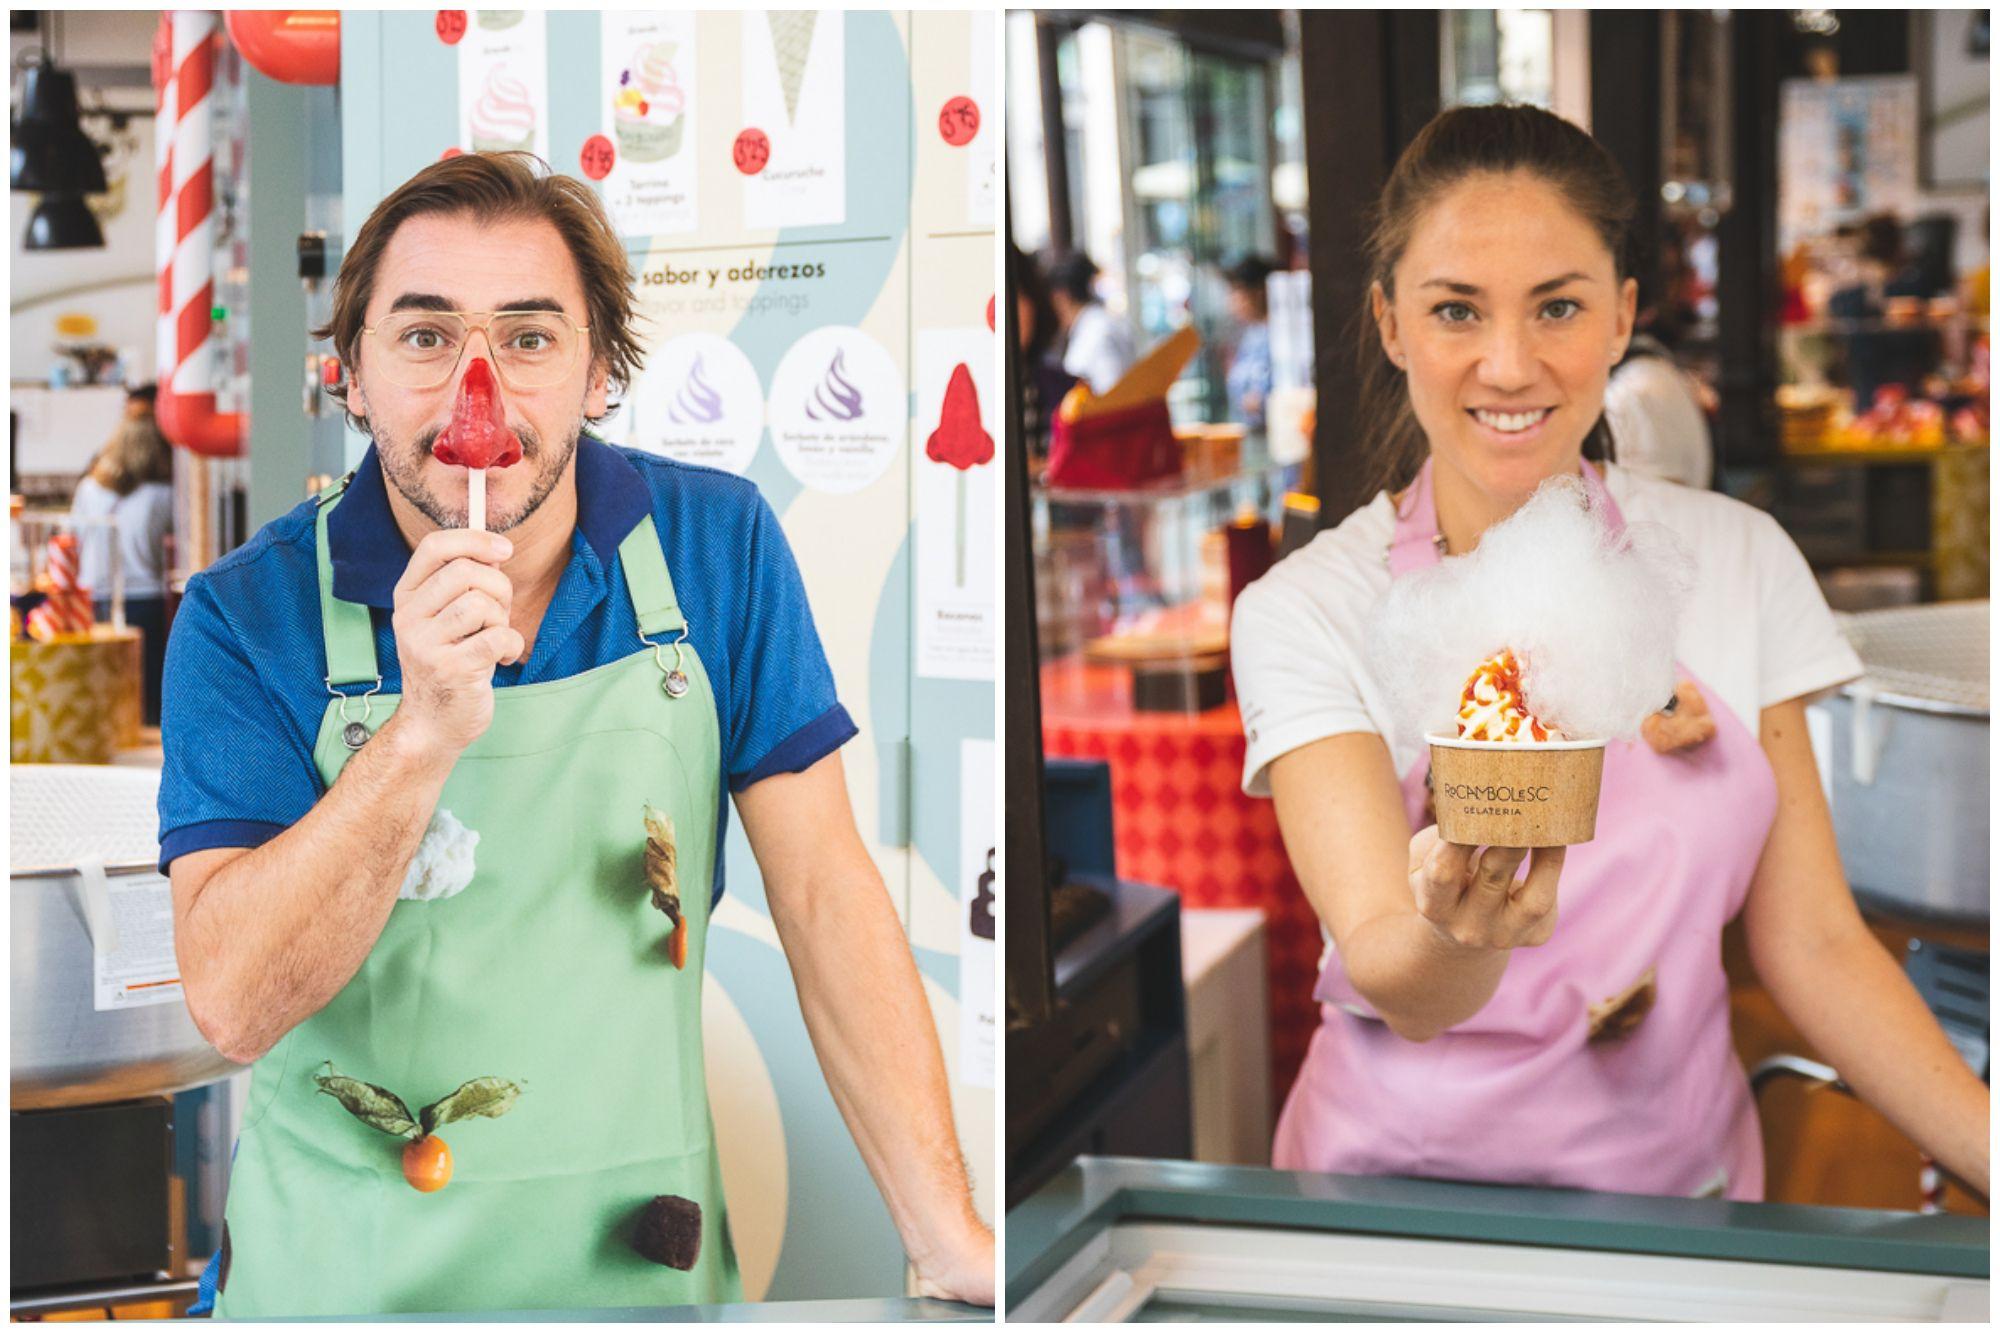 Los helados de Jordi Roca llegan a Madrid, al turístico Mercado de San Miguel. Fotos: Rocambolesc.